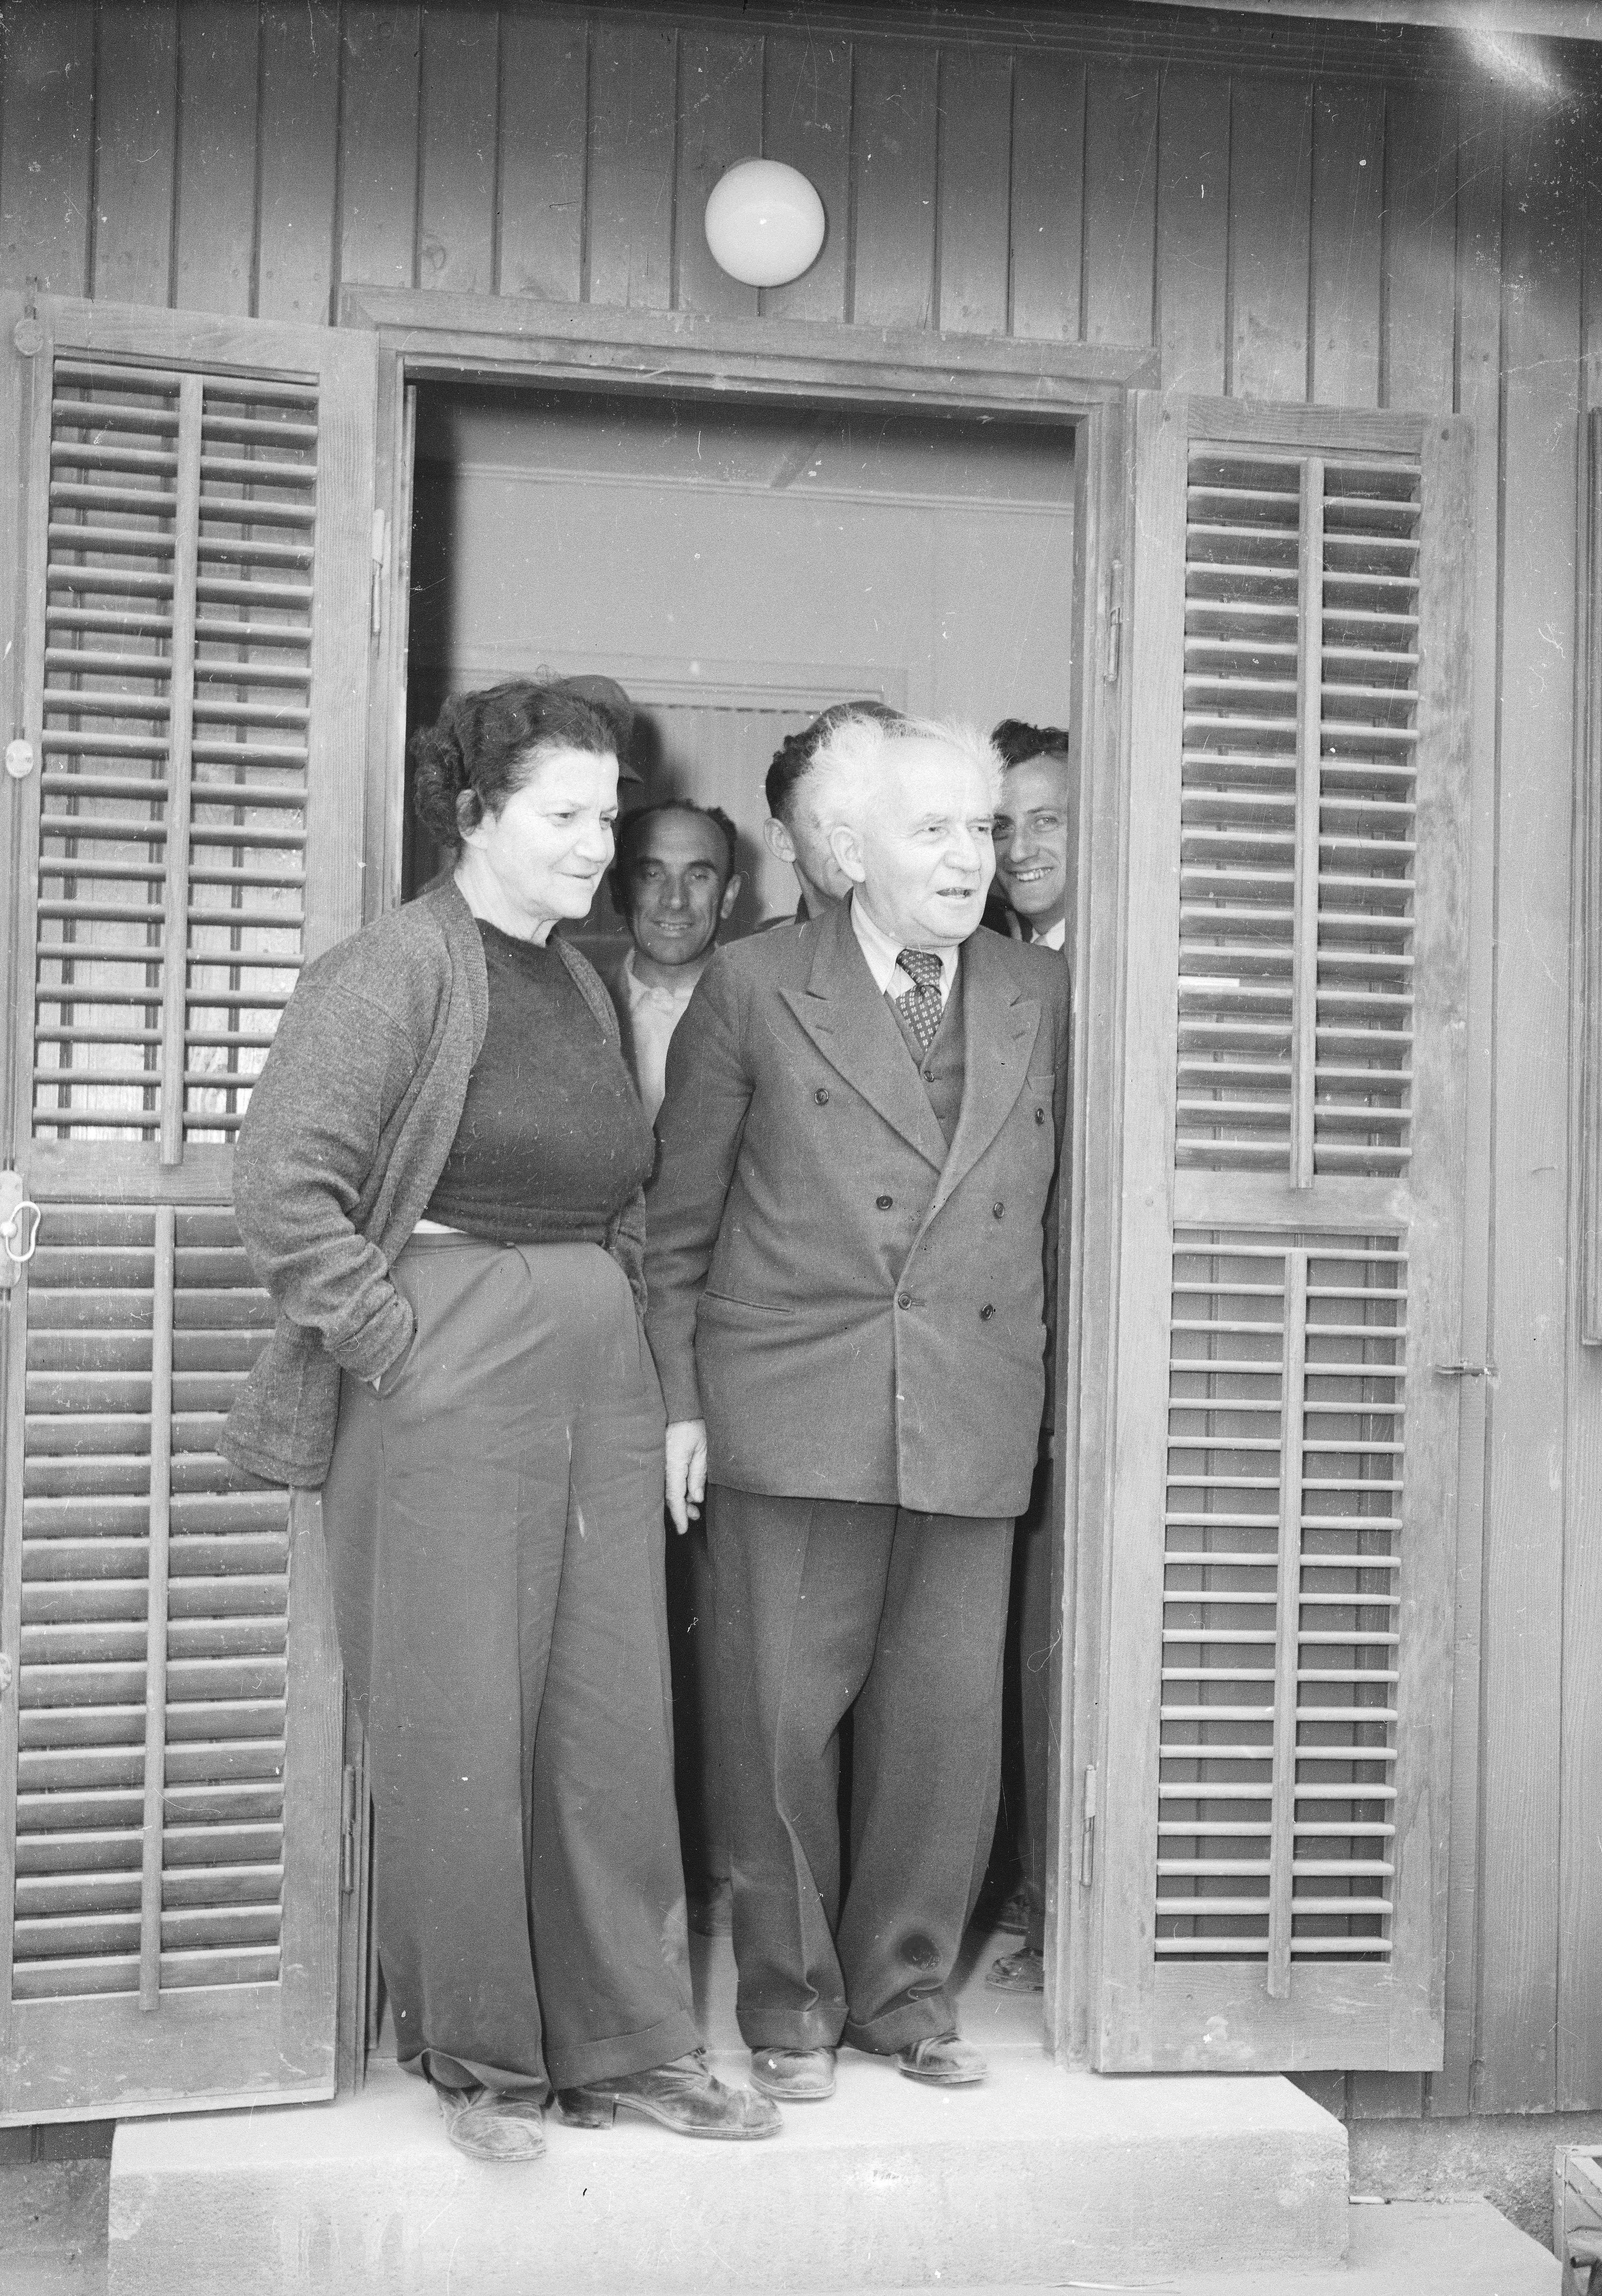 דוד בן גוריון ואשתו פולה עומדים בפתח הצריף שלהם בקיבוץ שדה בוקר